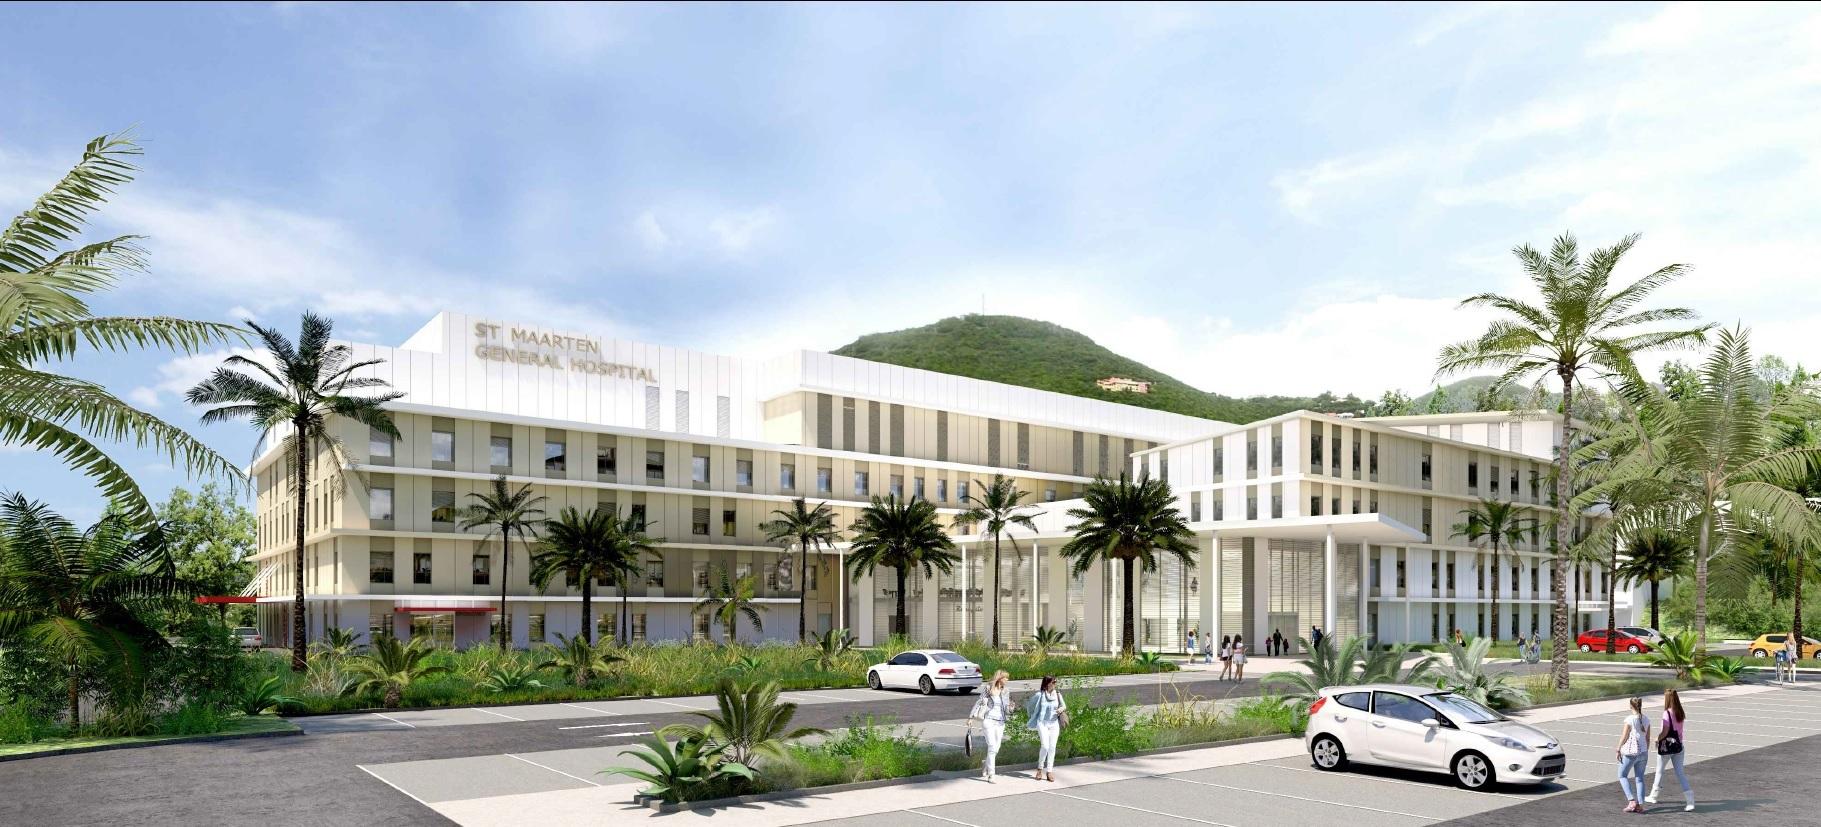 StMaarten General Hospital front-facade-large Dec2019